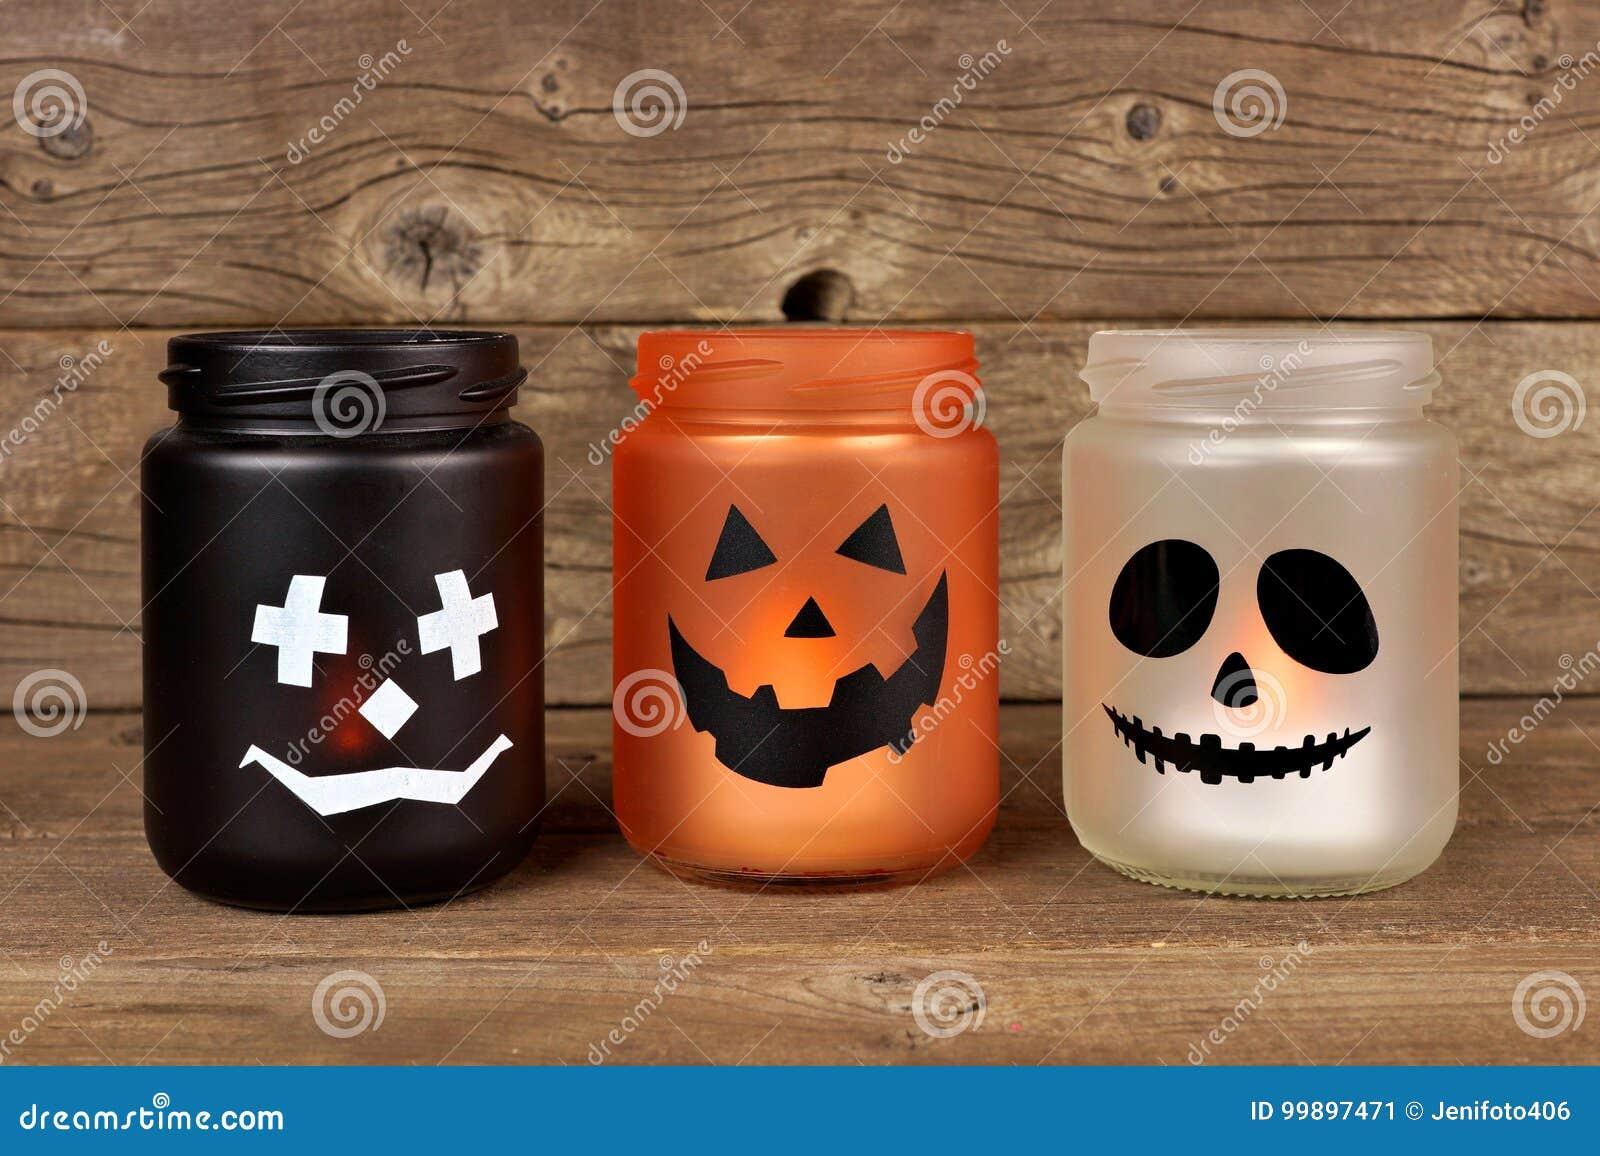 halloween mason jar candle holders stock image - image of lantern